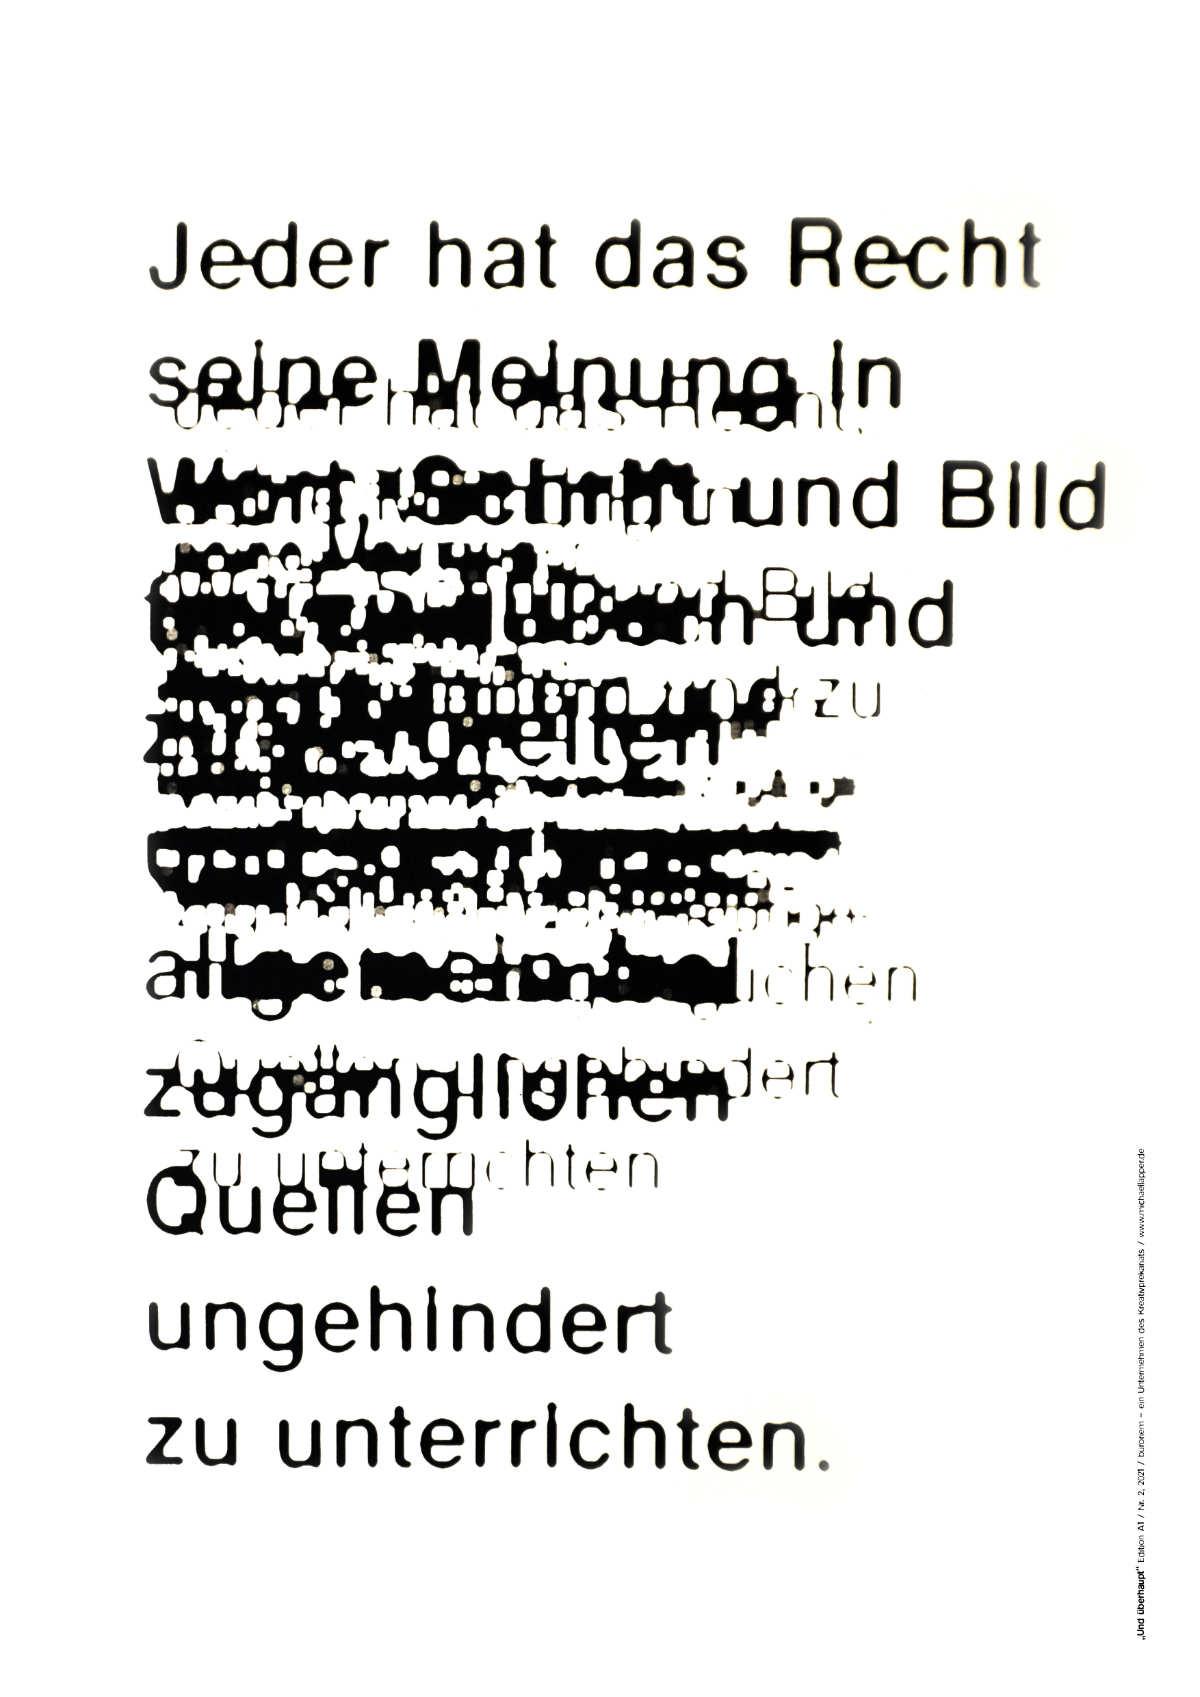 und_ueberhaupt